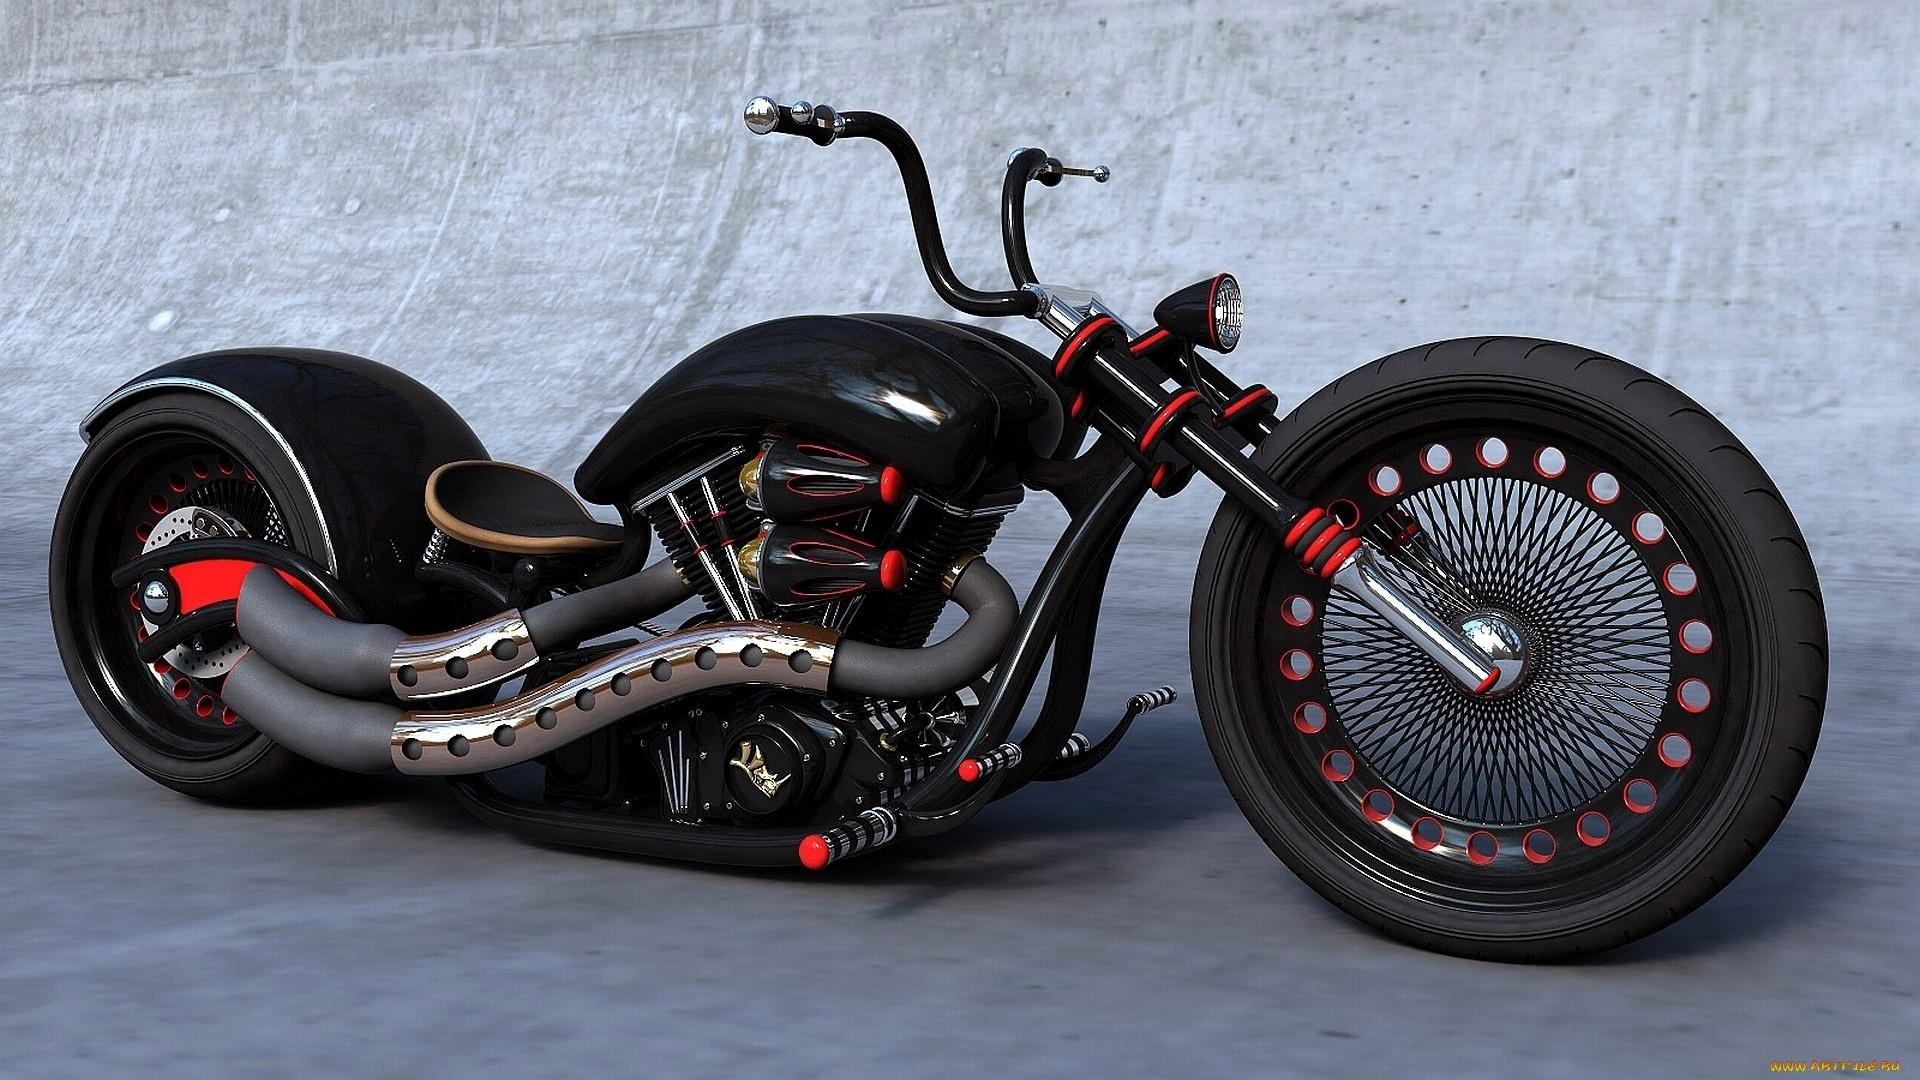 Awesome Lazy Boy Motorbike